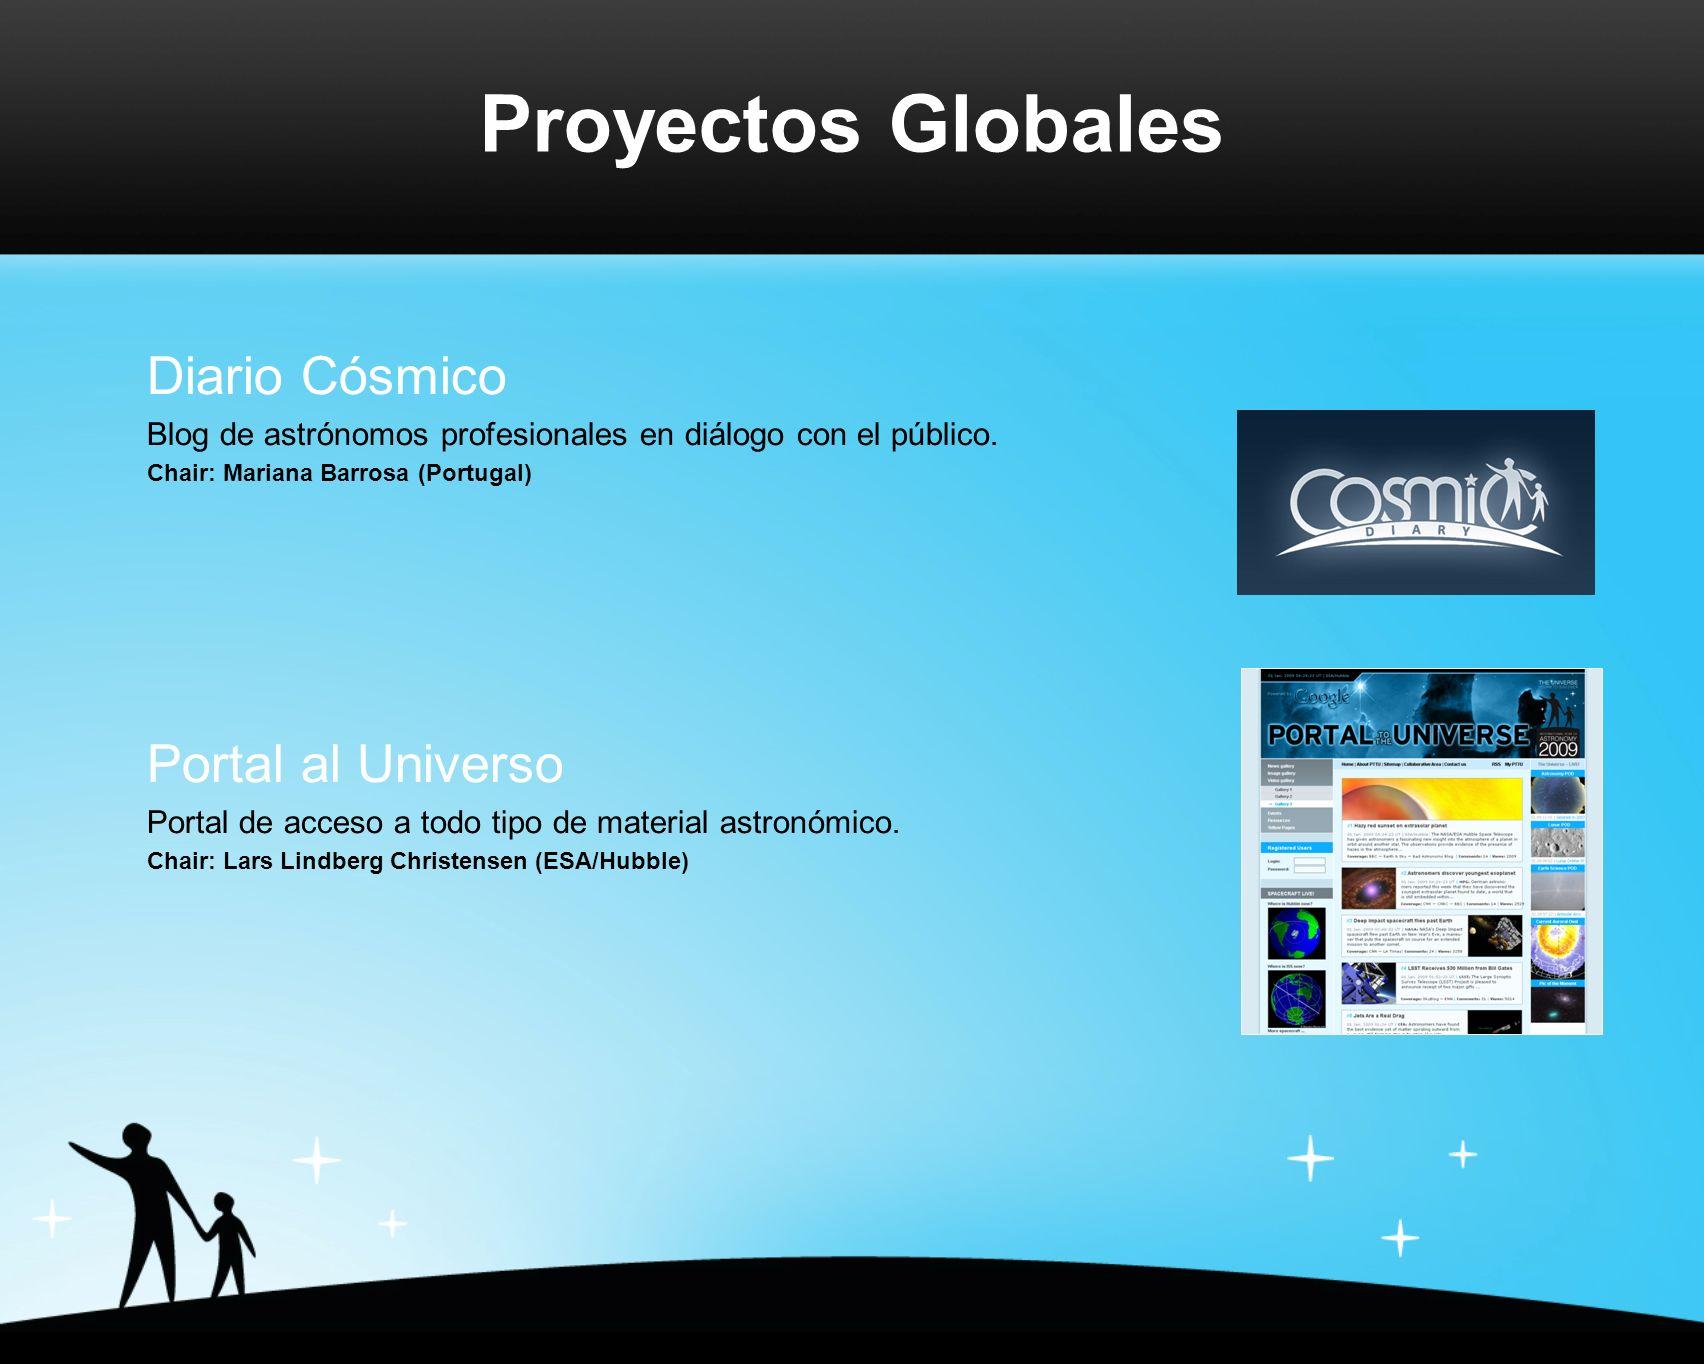 Diario Cósmico Blog de astrónomos profesionales en diálogo con el público.